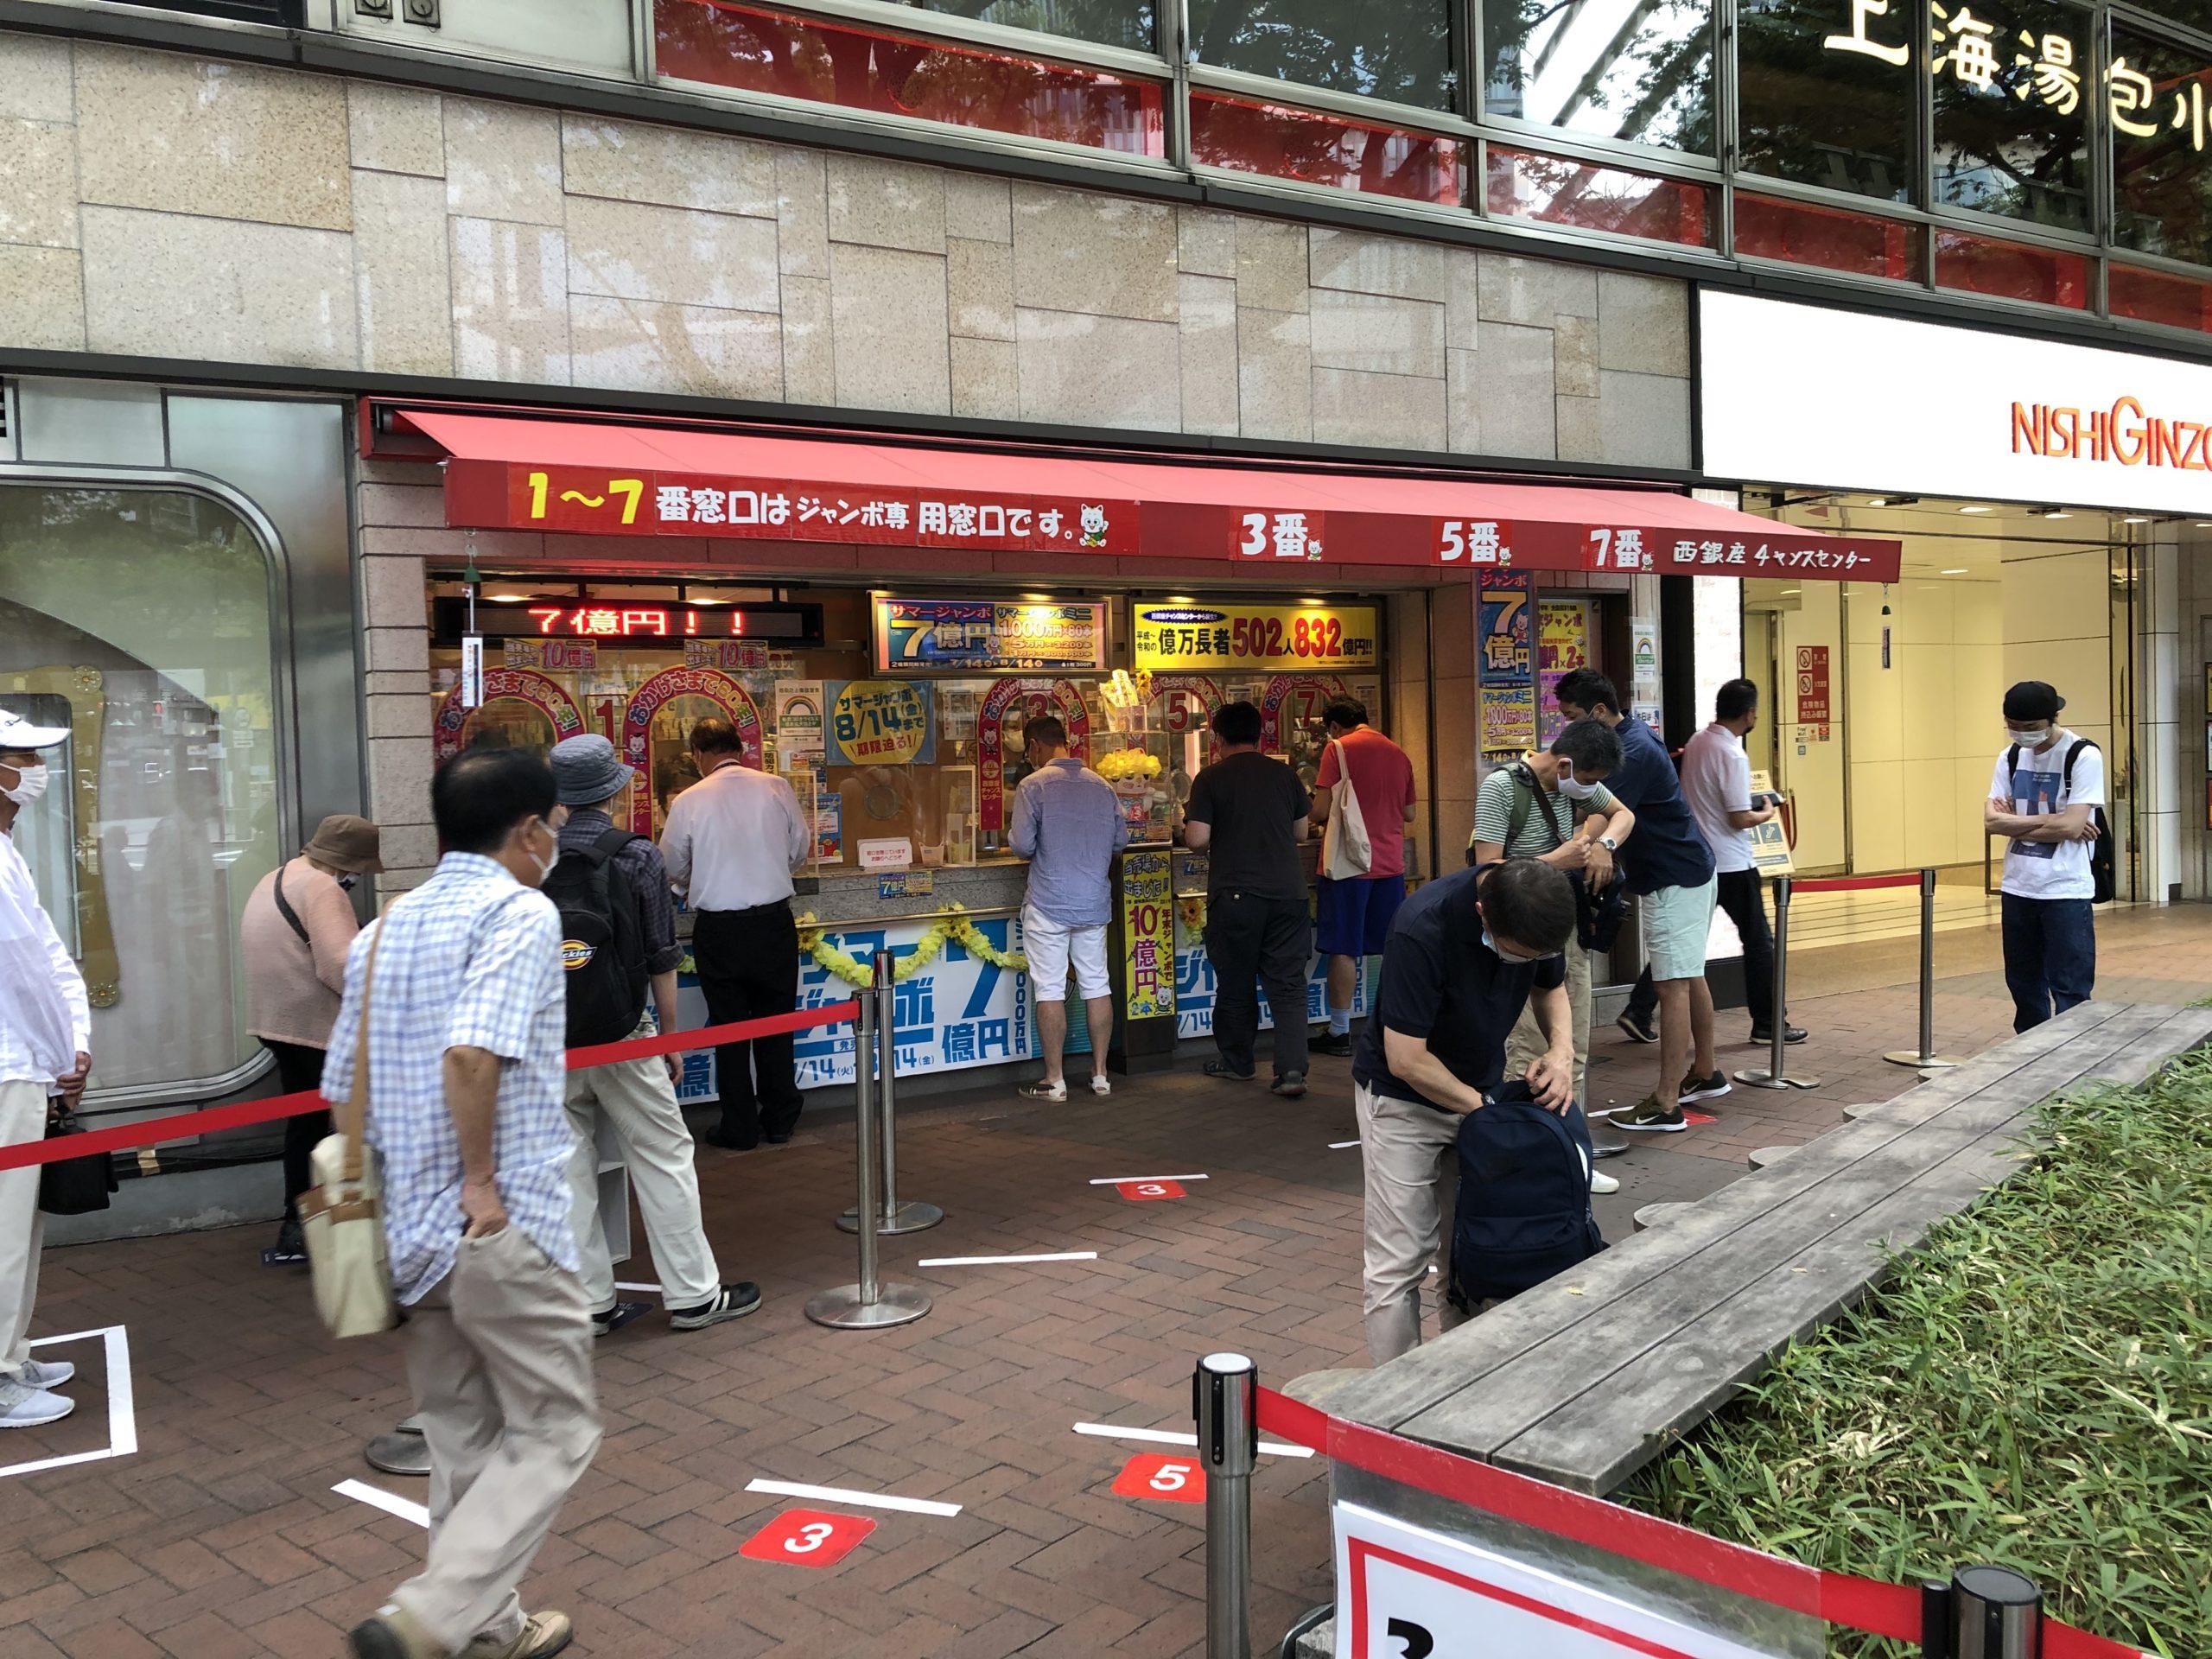 当たりやすい⁉︎日本一の宝くじ売り場「西銀座チャンスセンター」とは?